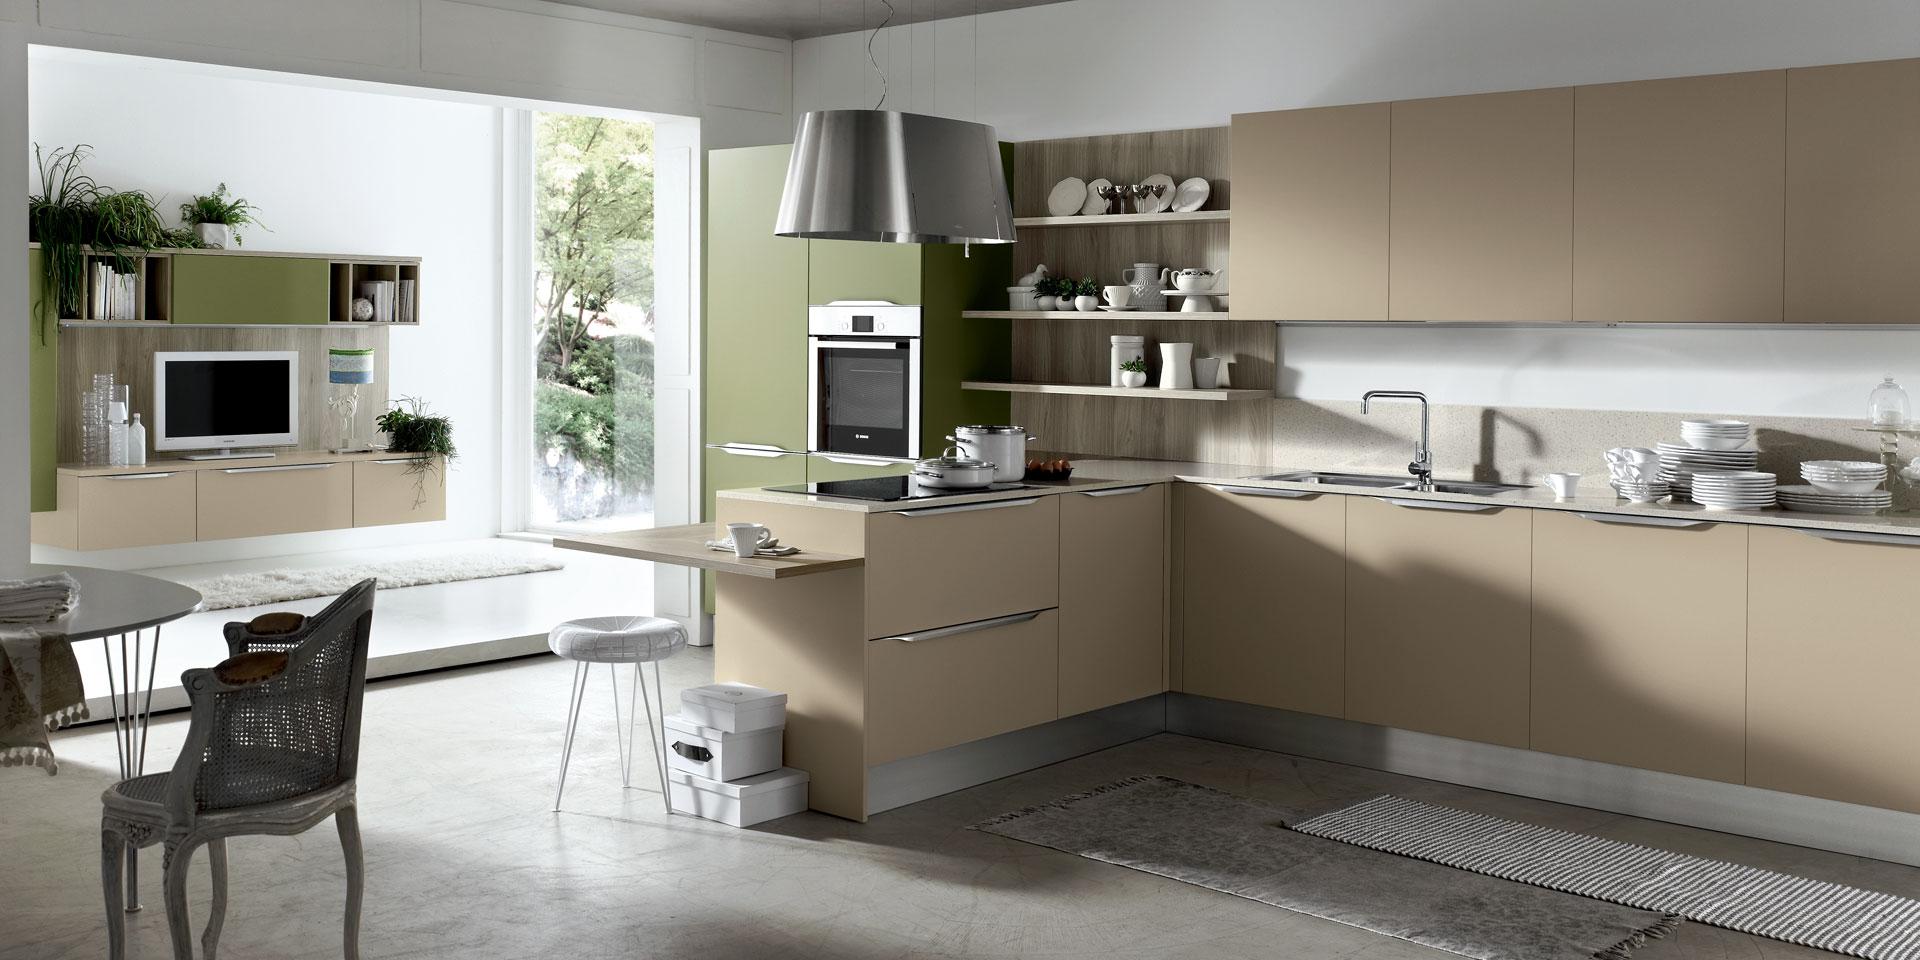 Artenova cucine in legno – cucine in legno arredamento su misura ...